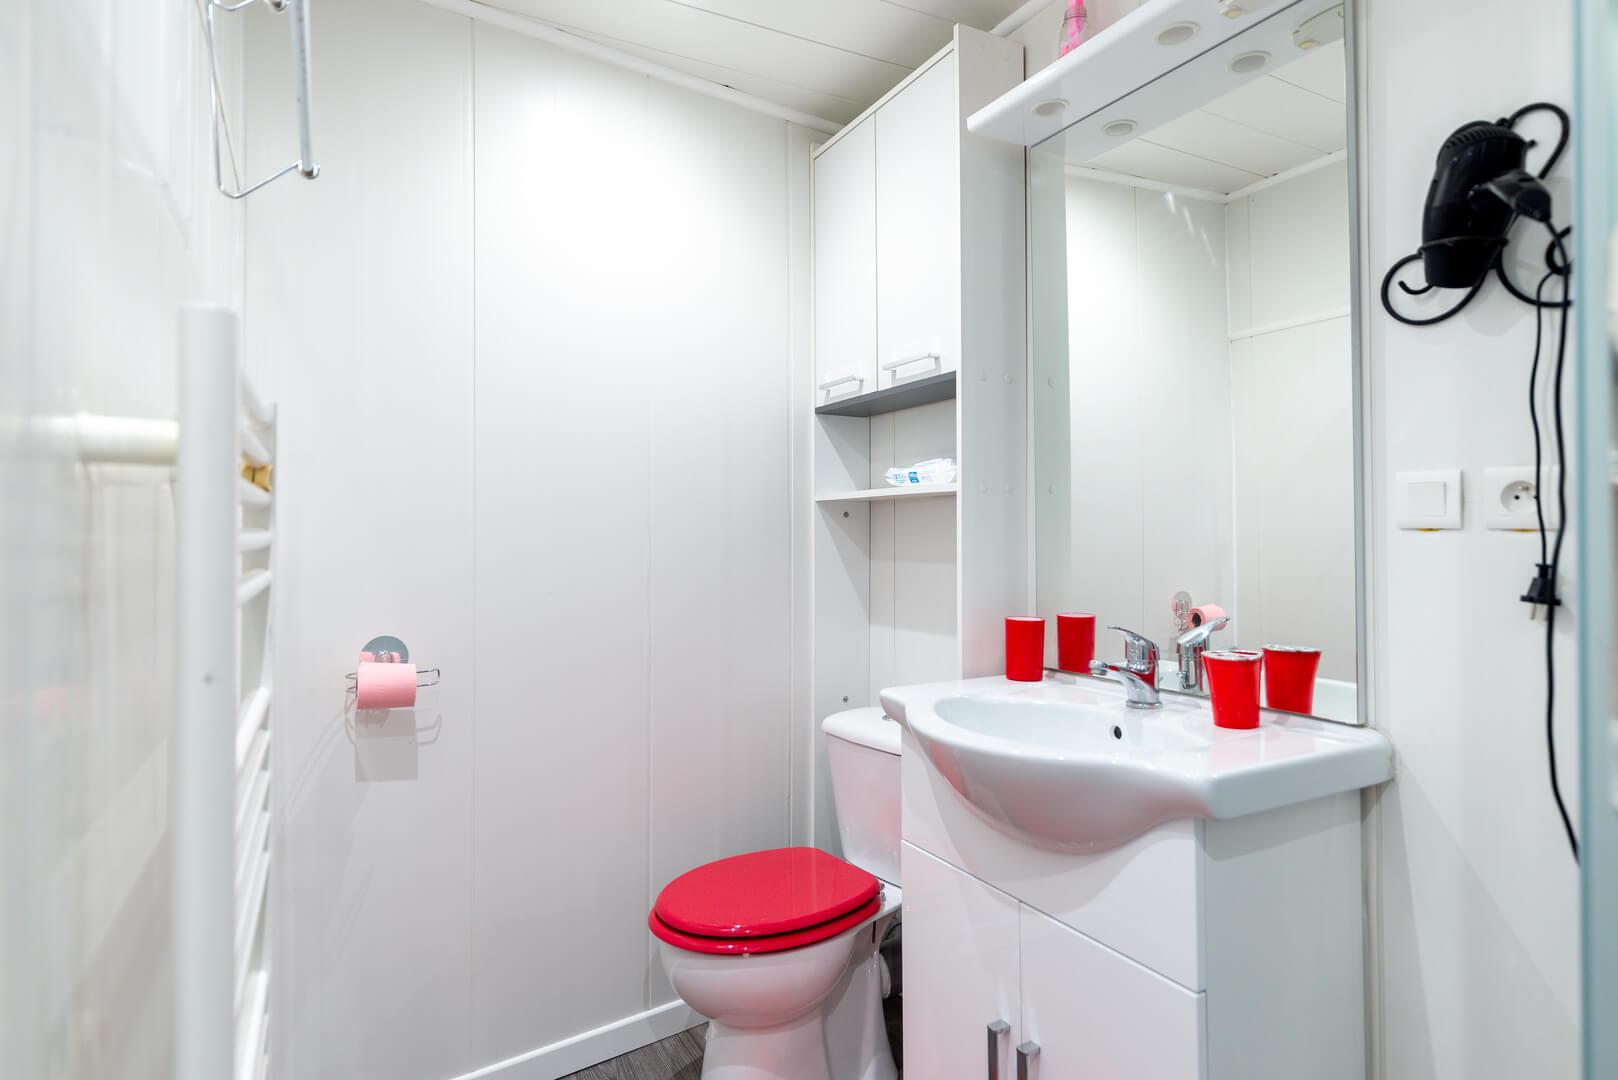 Homki - Vente Maison/villa  de 110.0 m² à valensole 04210